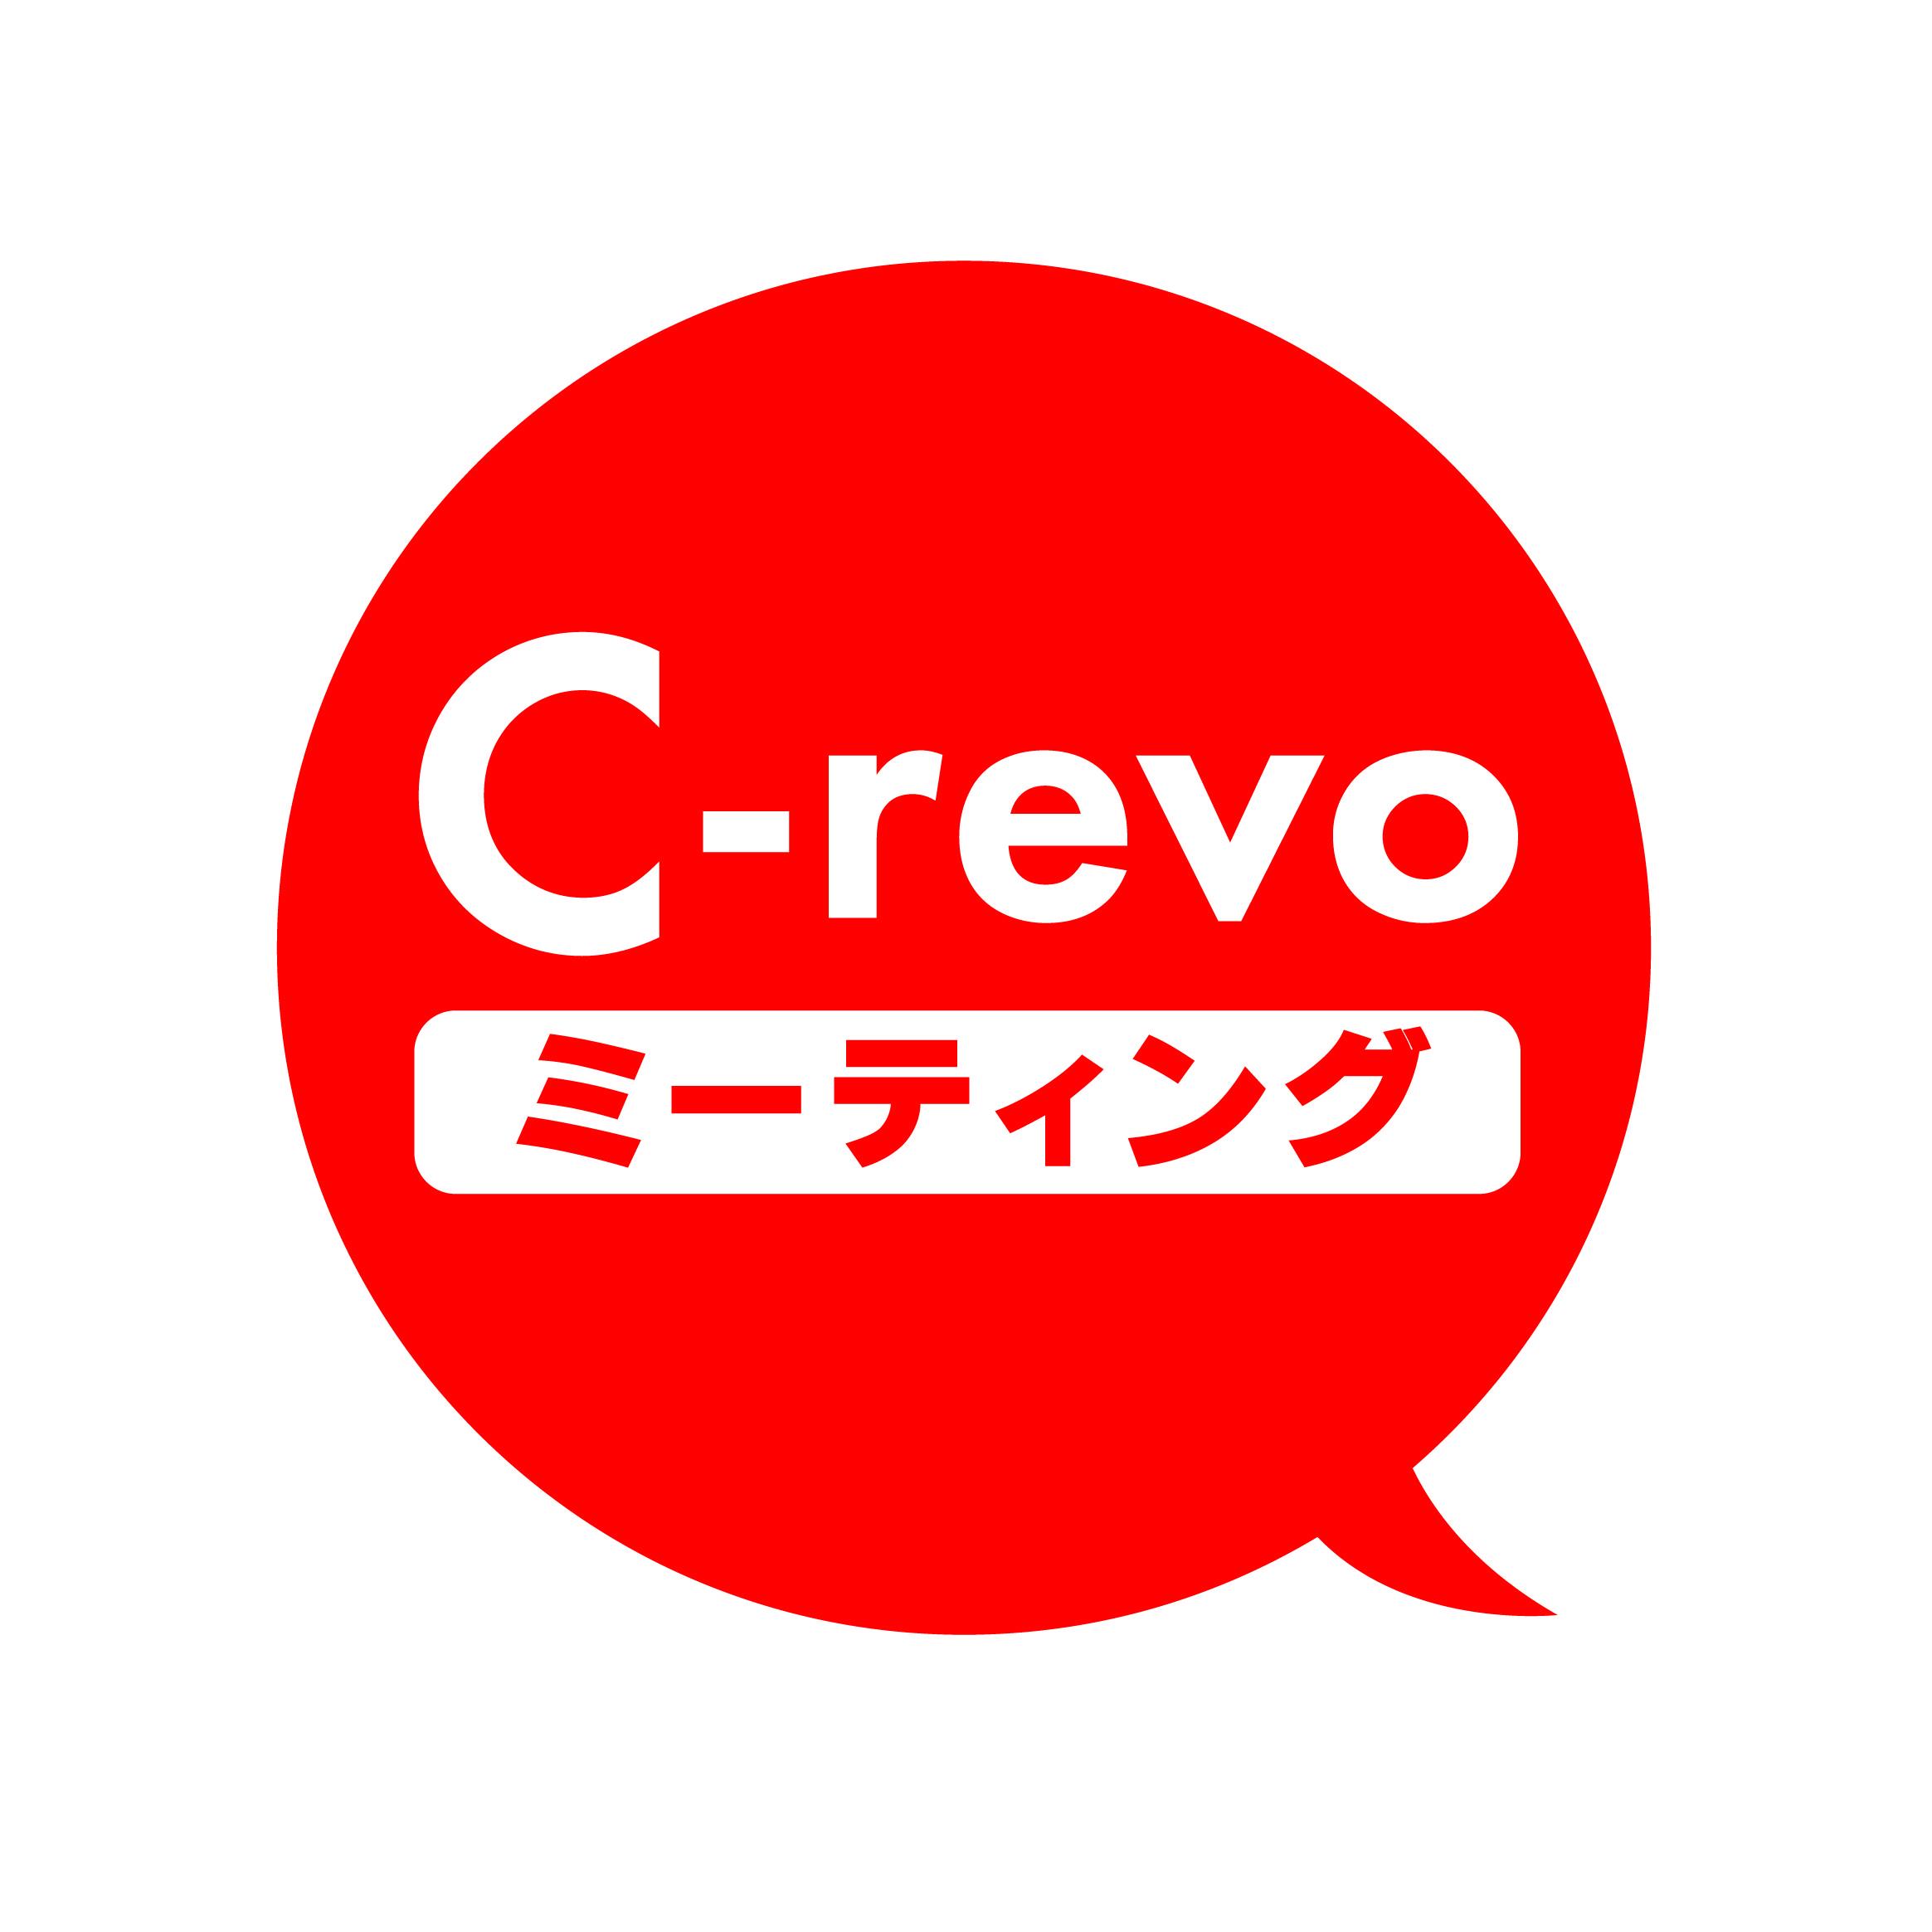 crevo_logo_fin_1